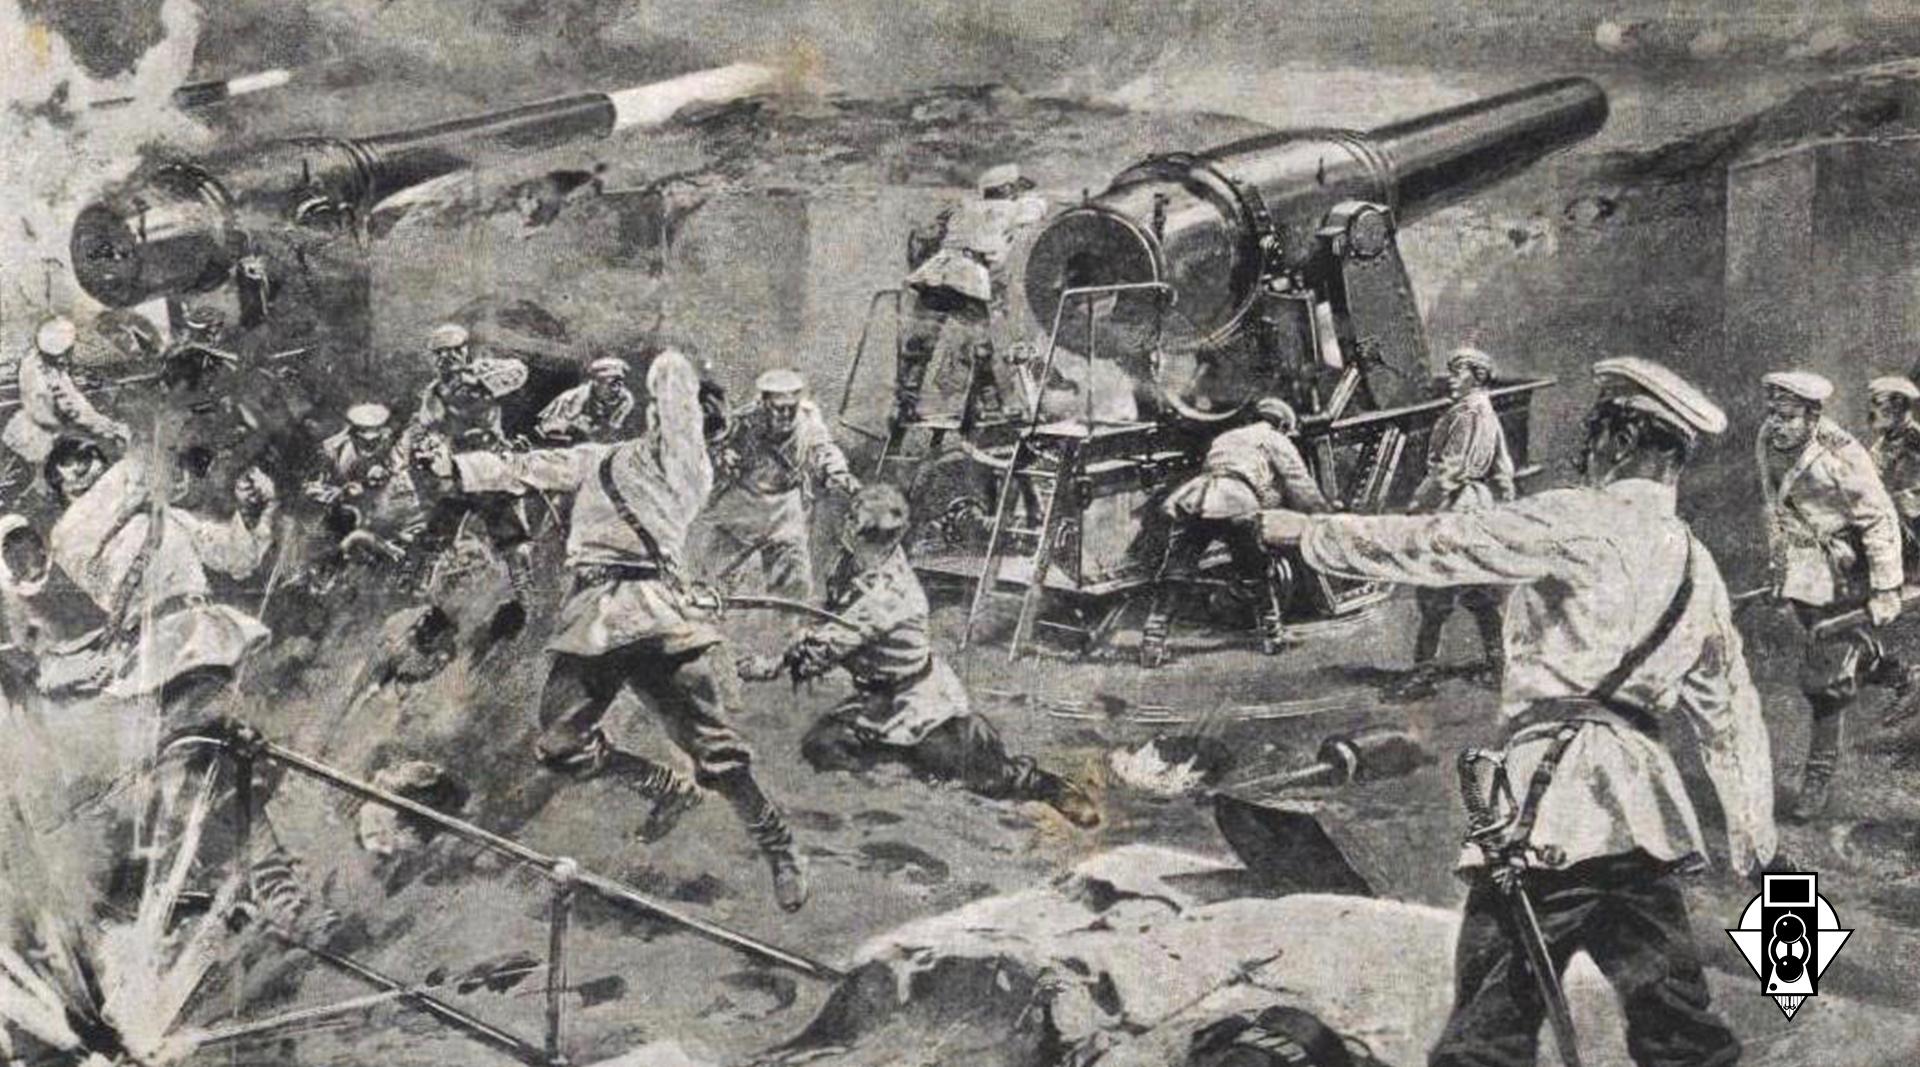 Фотография на войне в 1904-1905 гг.